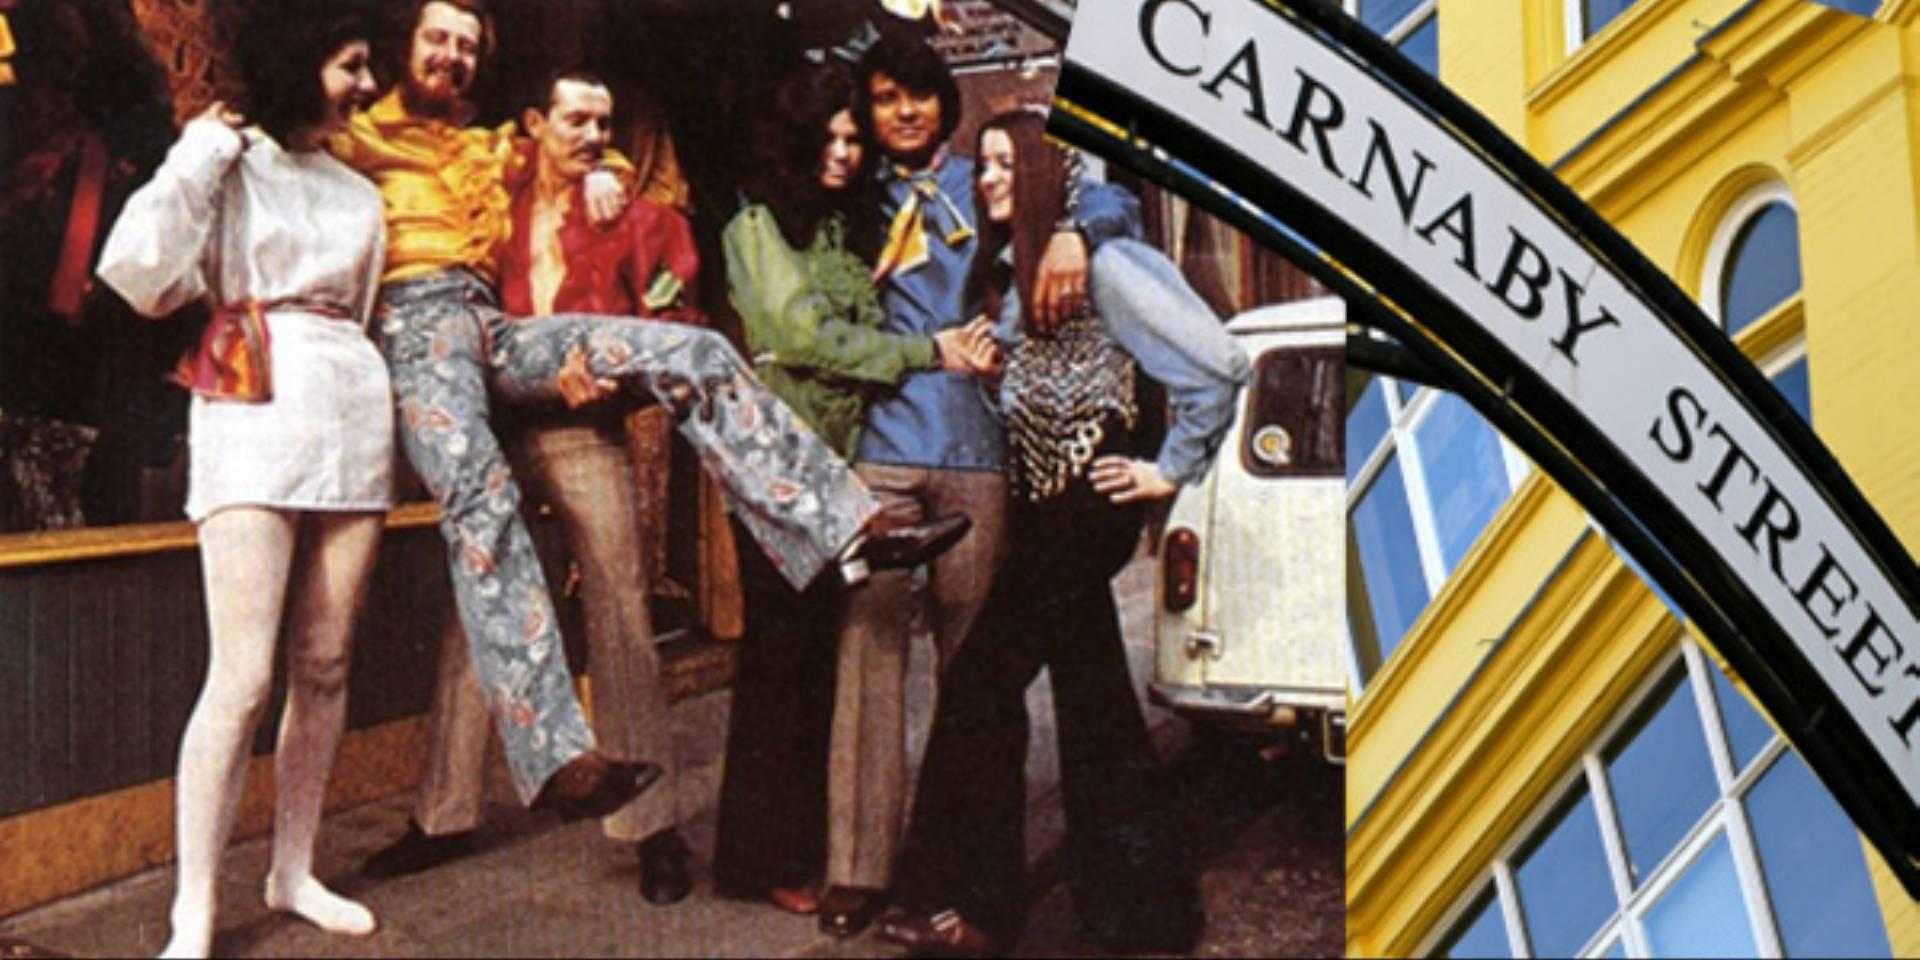 carnaby-street-pozne-lata-60-te